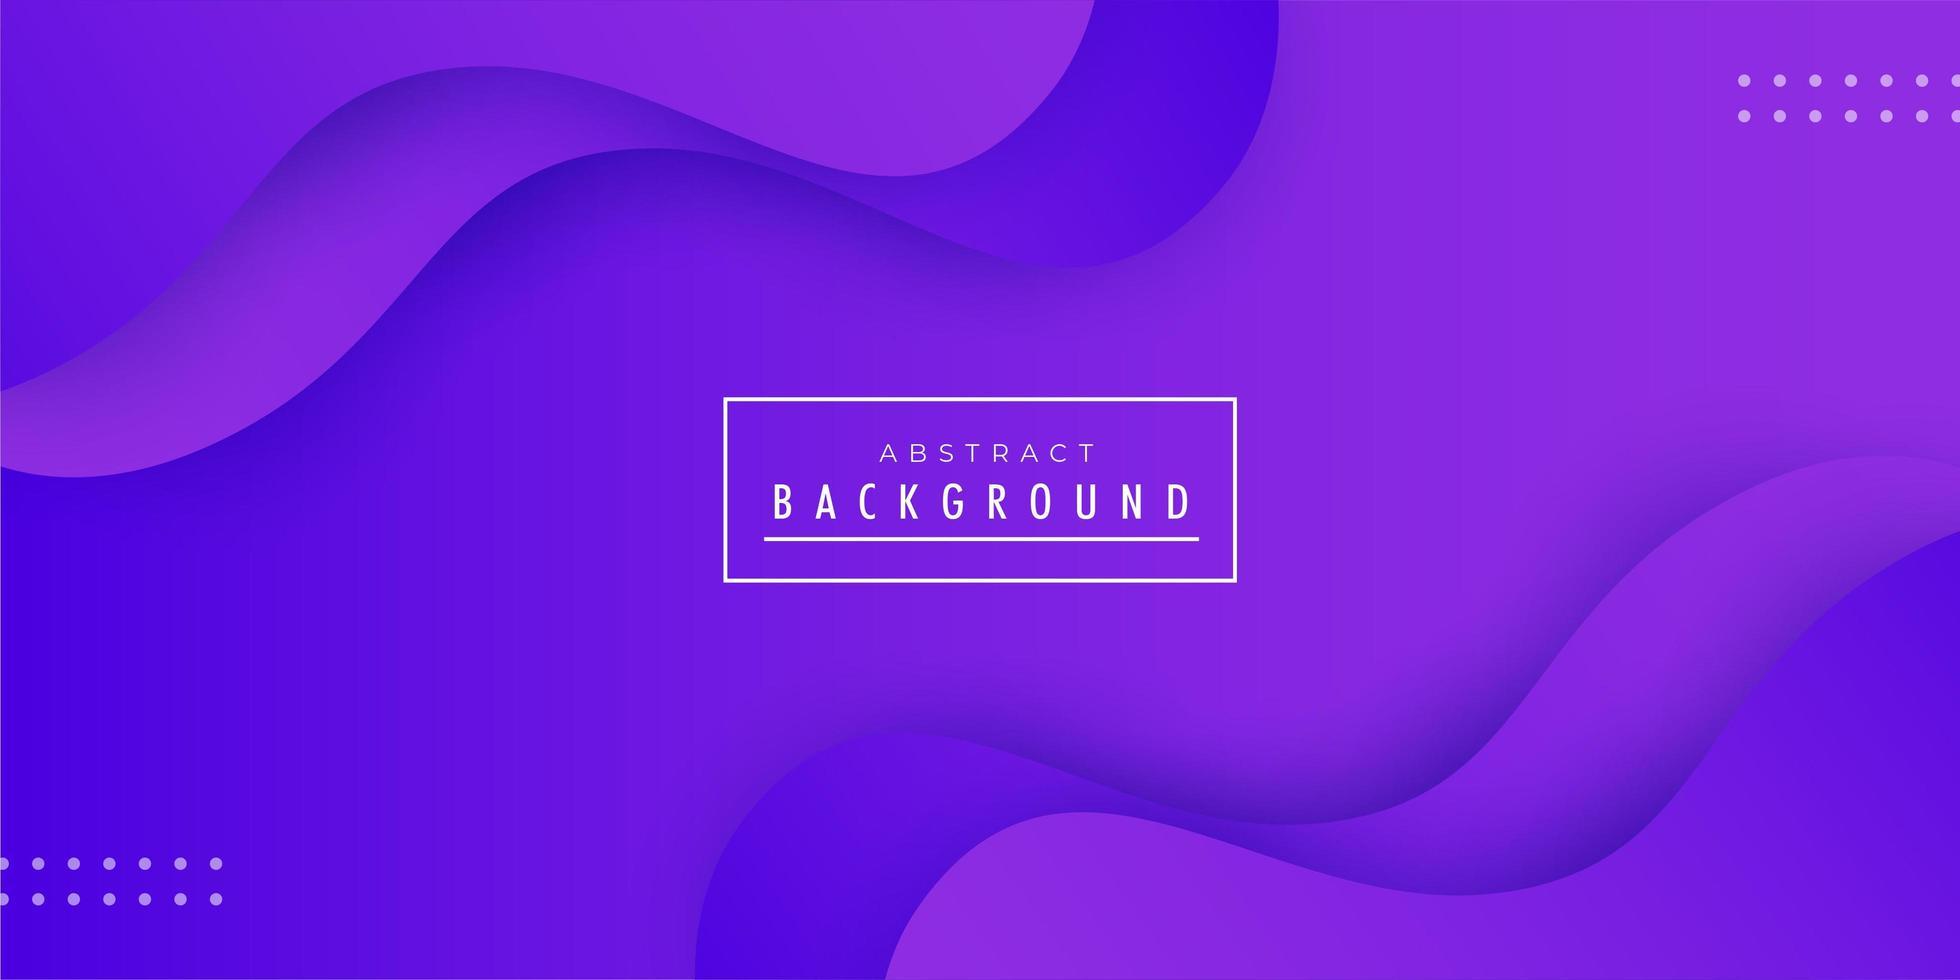 Diseño de fondo abstracto ola púrpura vector